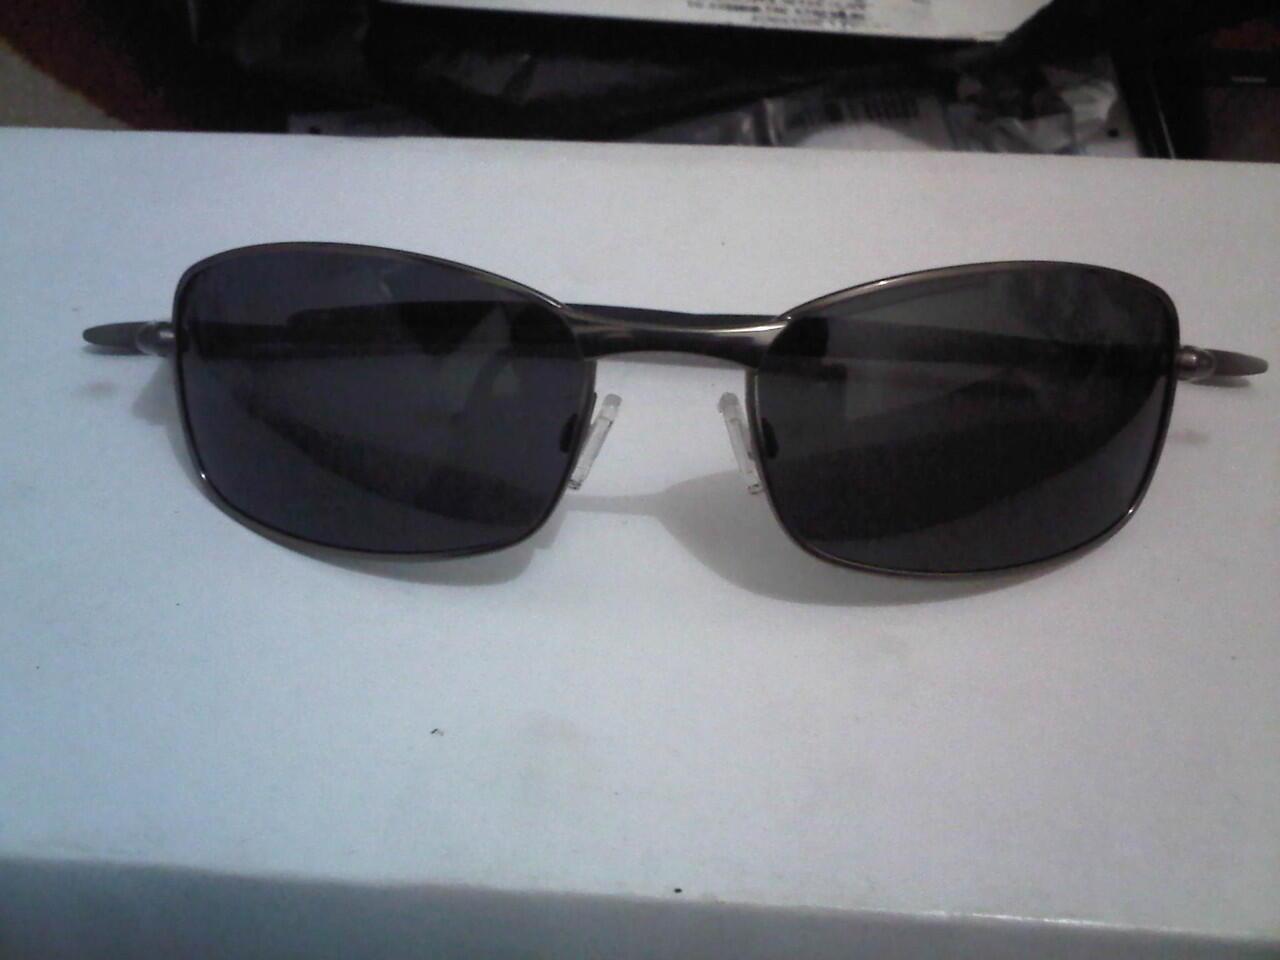 Kacamata FRAME Oakley    SUNGLASSES POLARIZED    Kw Super Grade A+